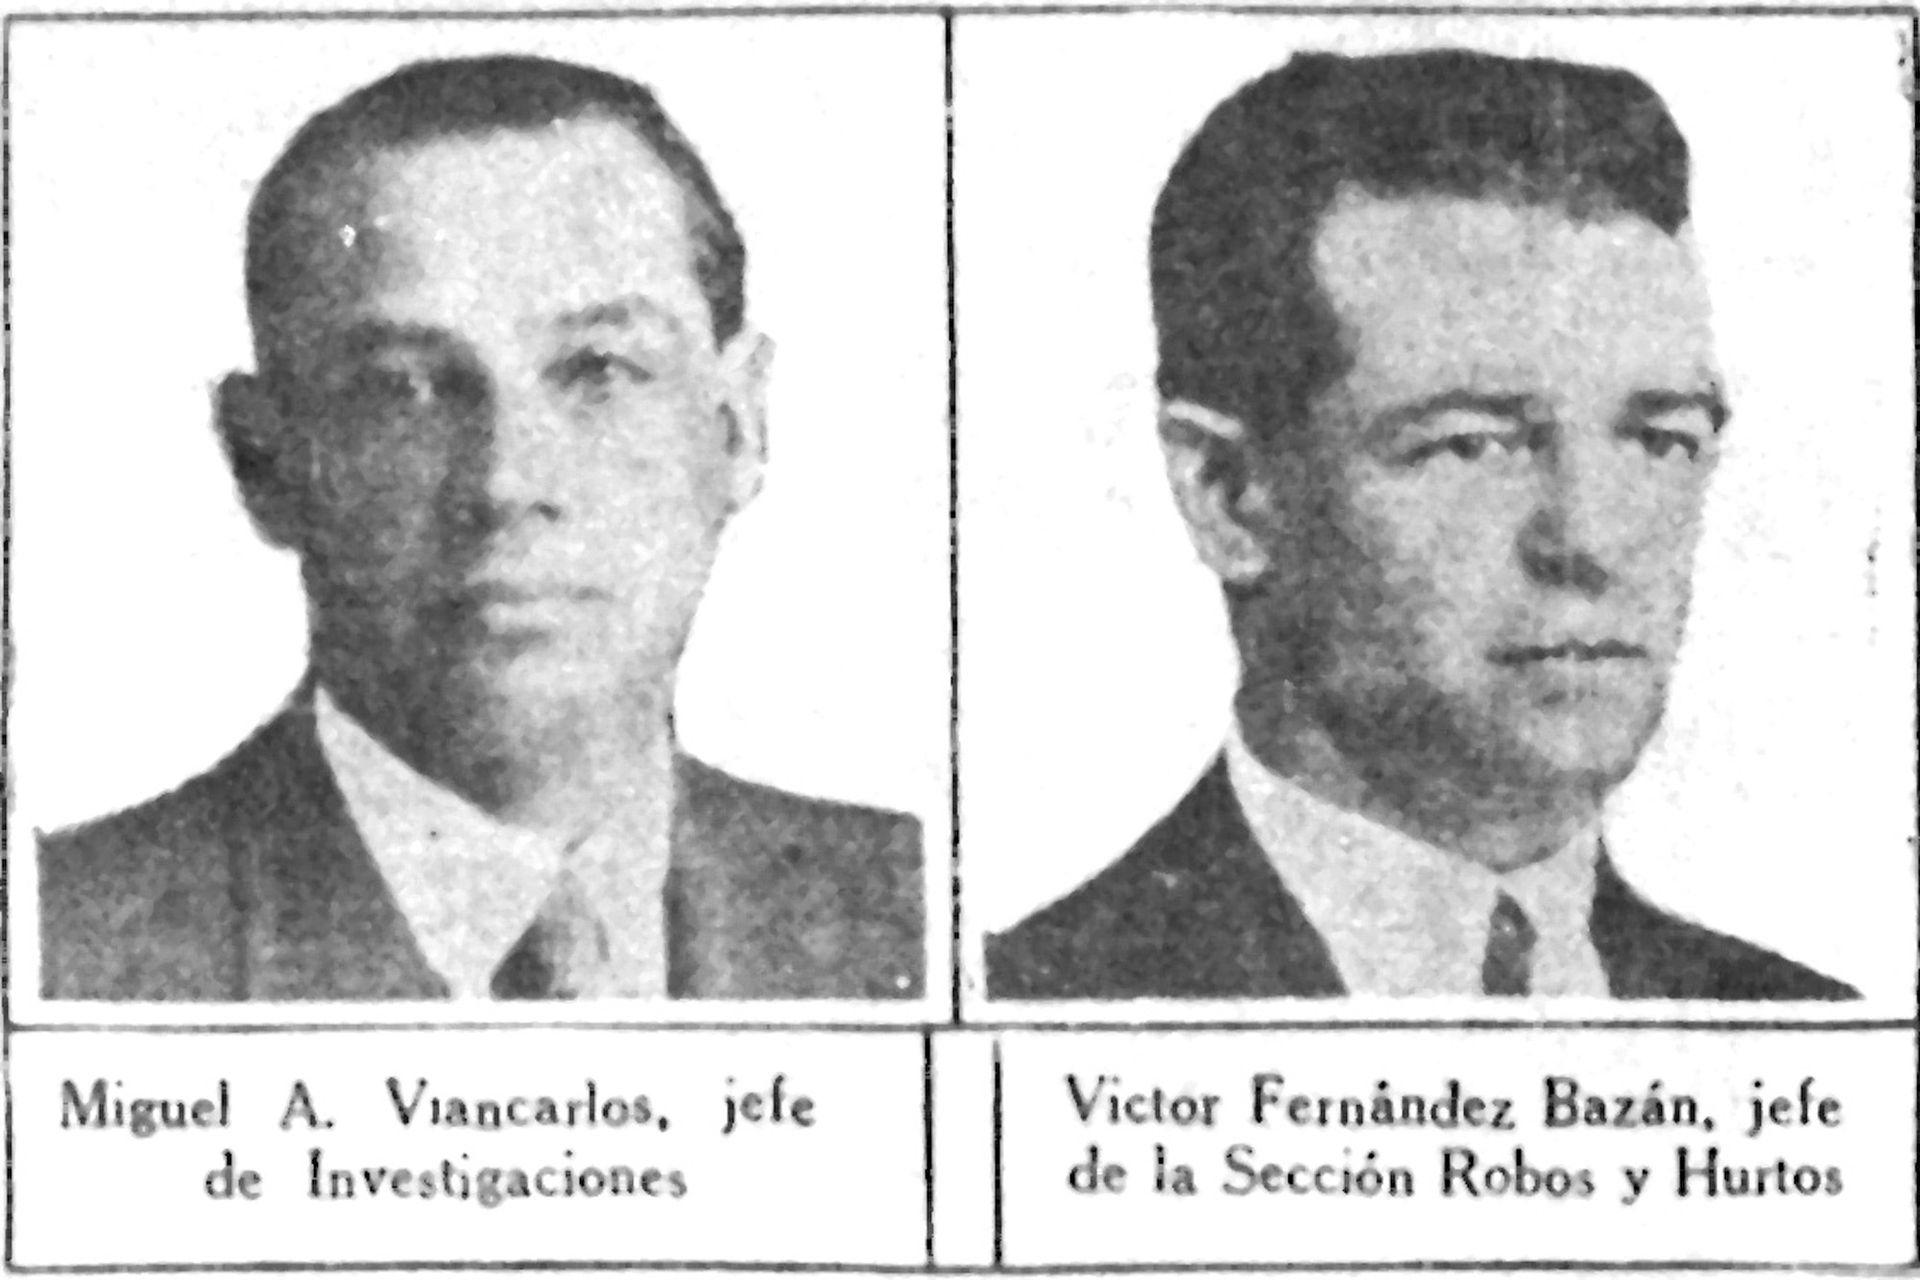 Los investigadores